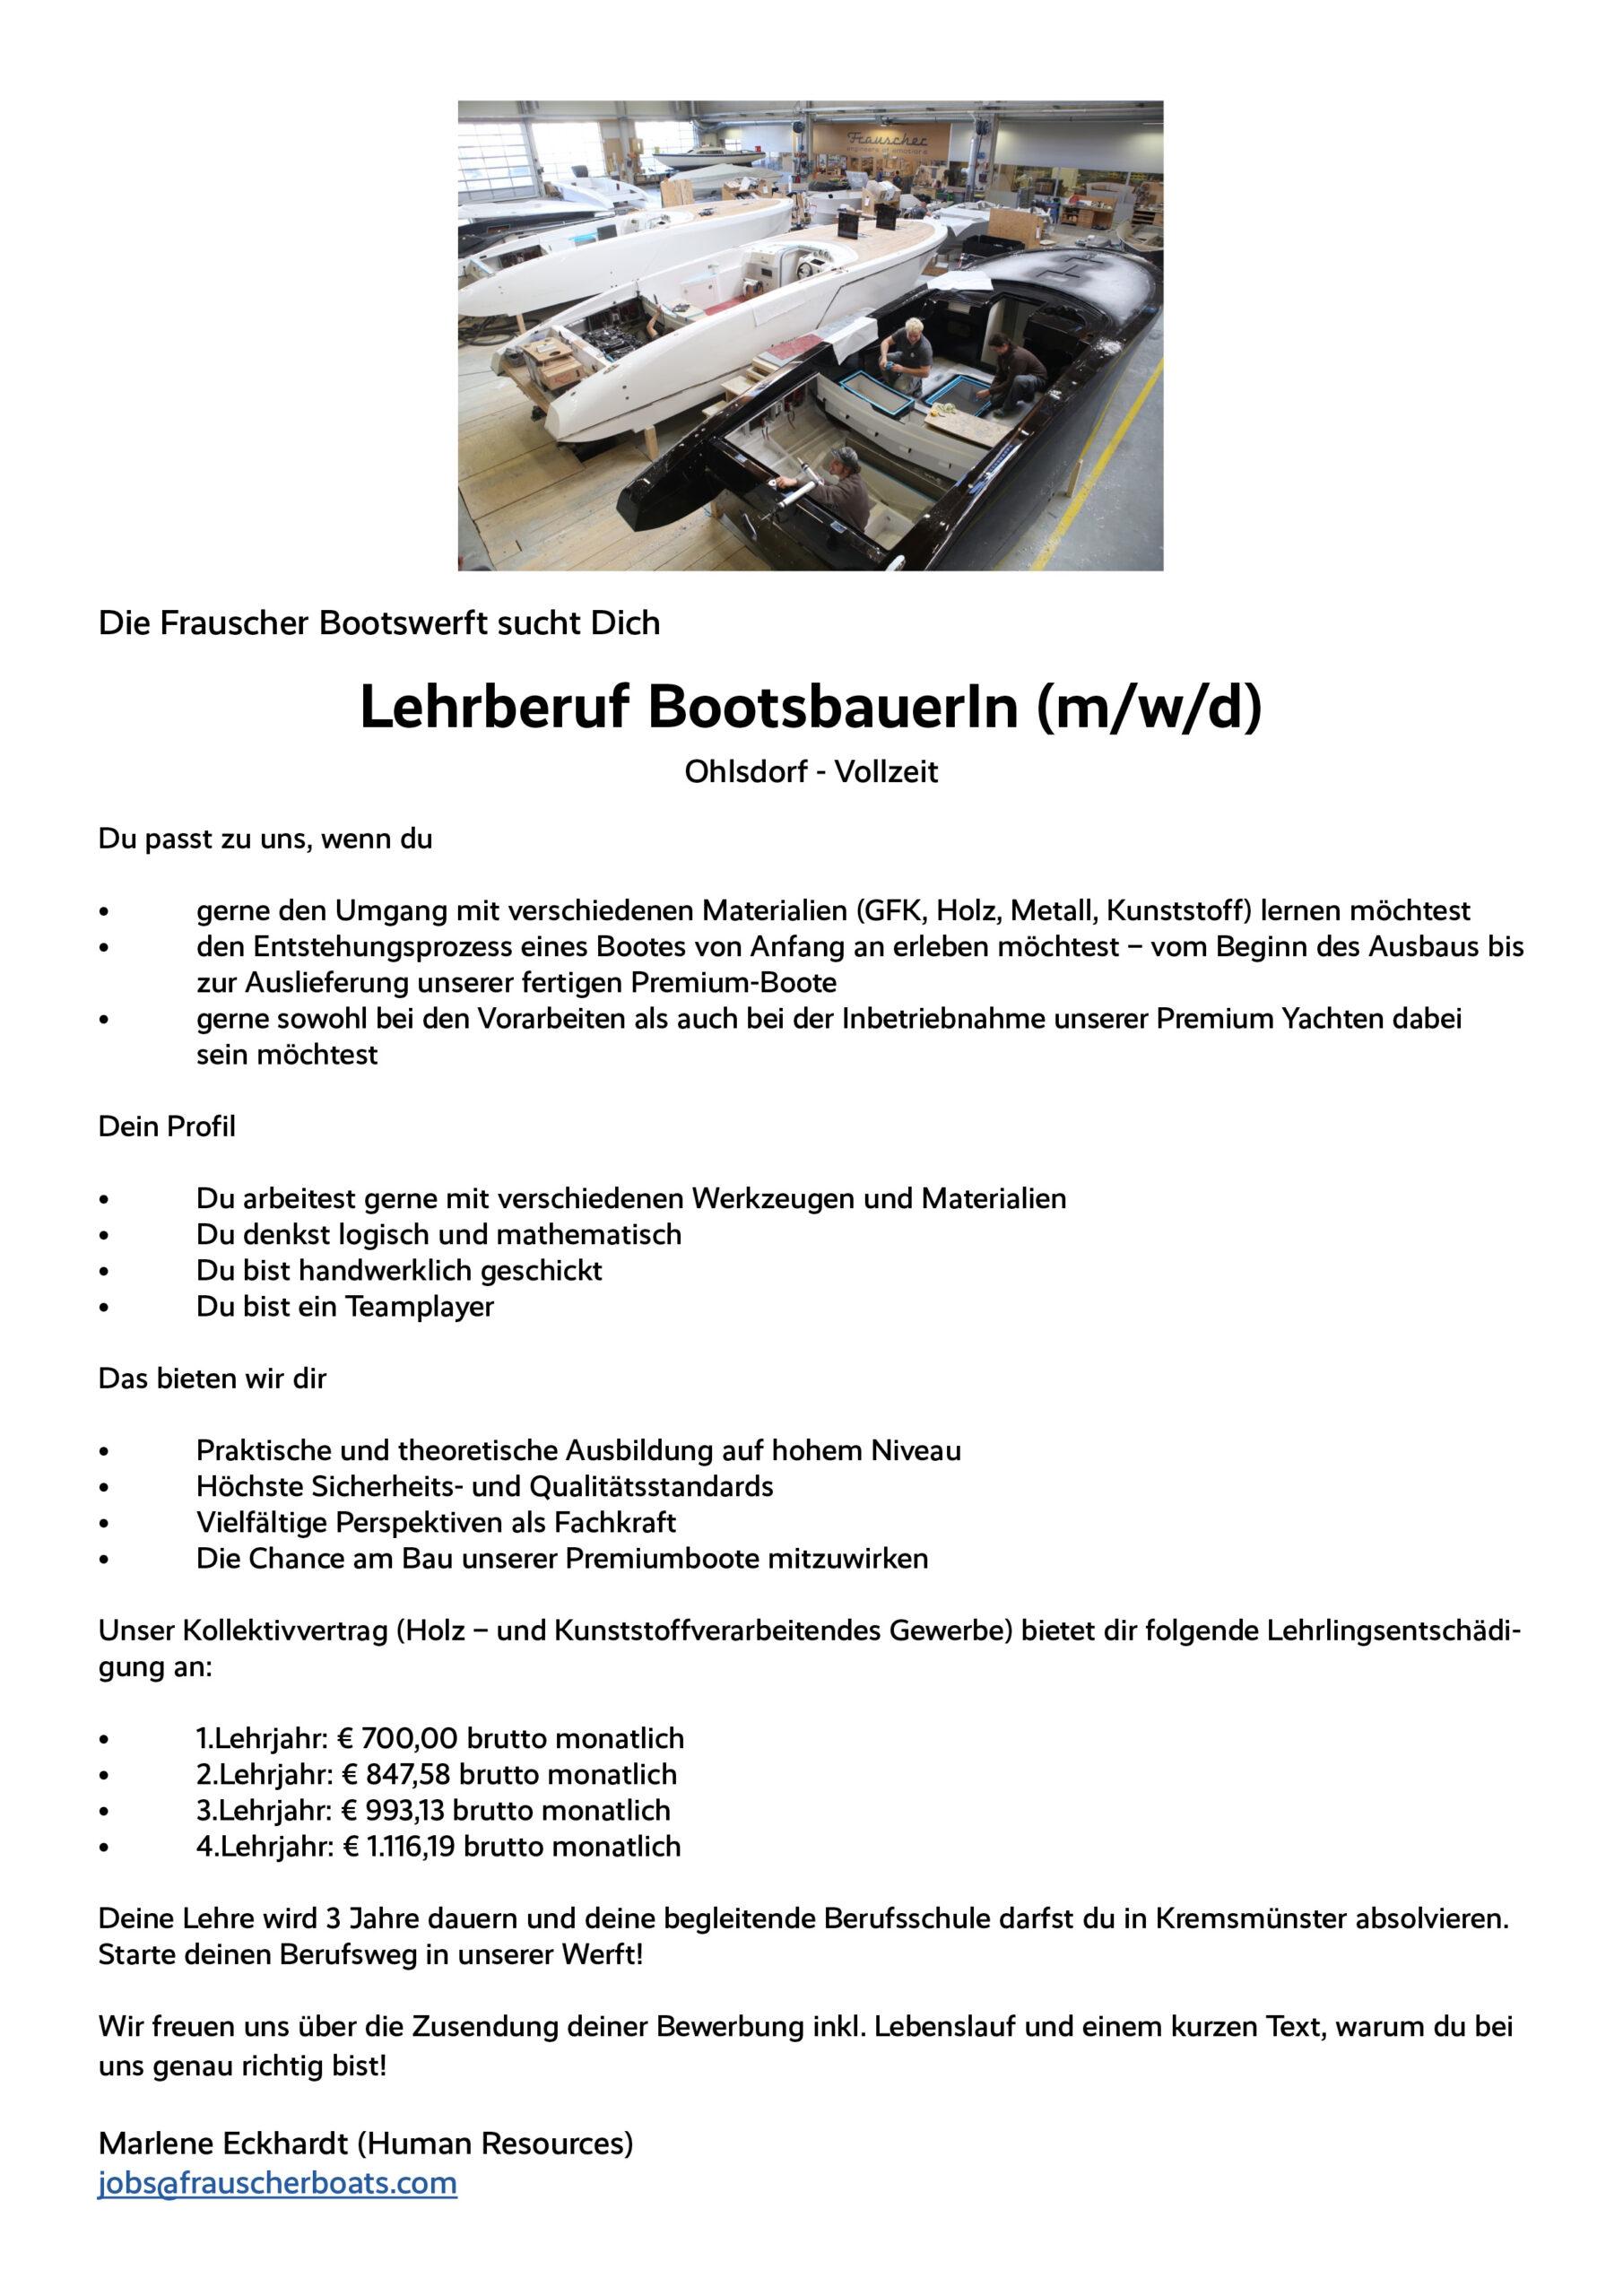 Stellenangebot: Lehrberuf BootsbauerIn